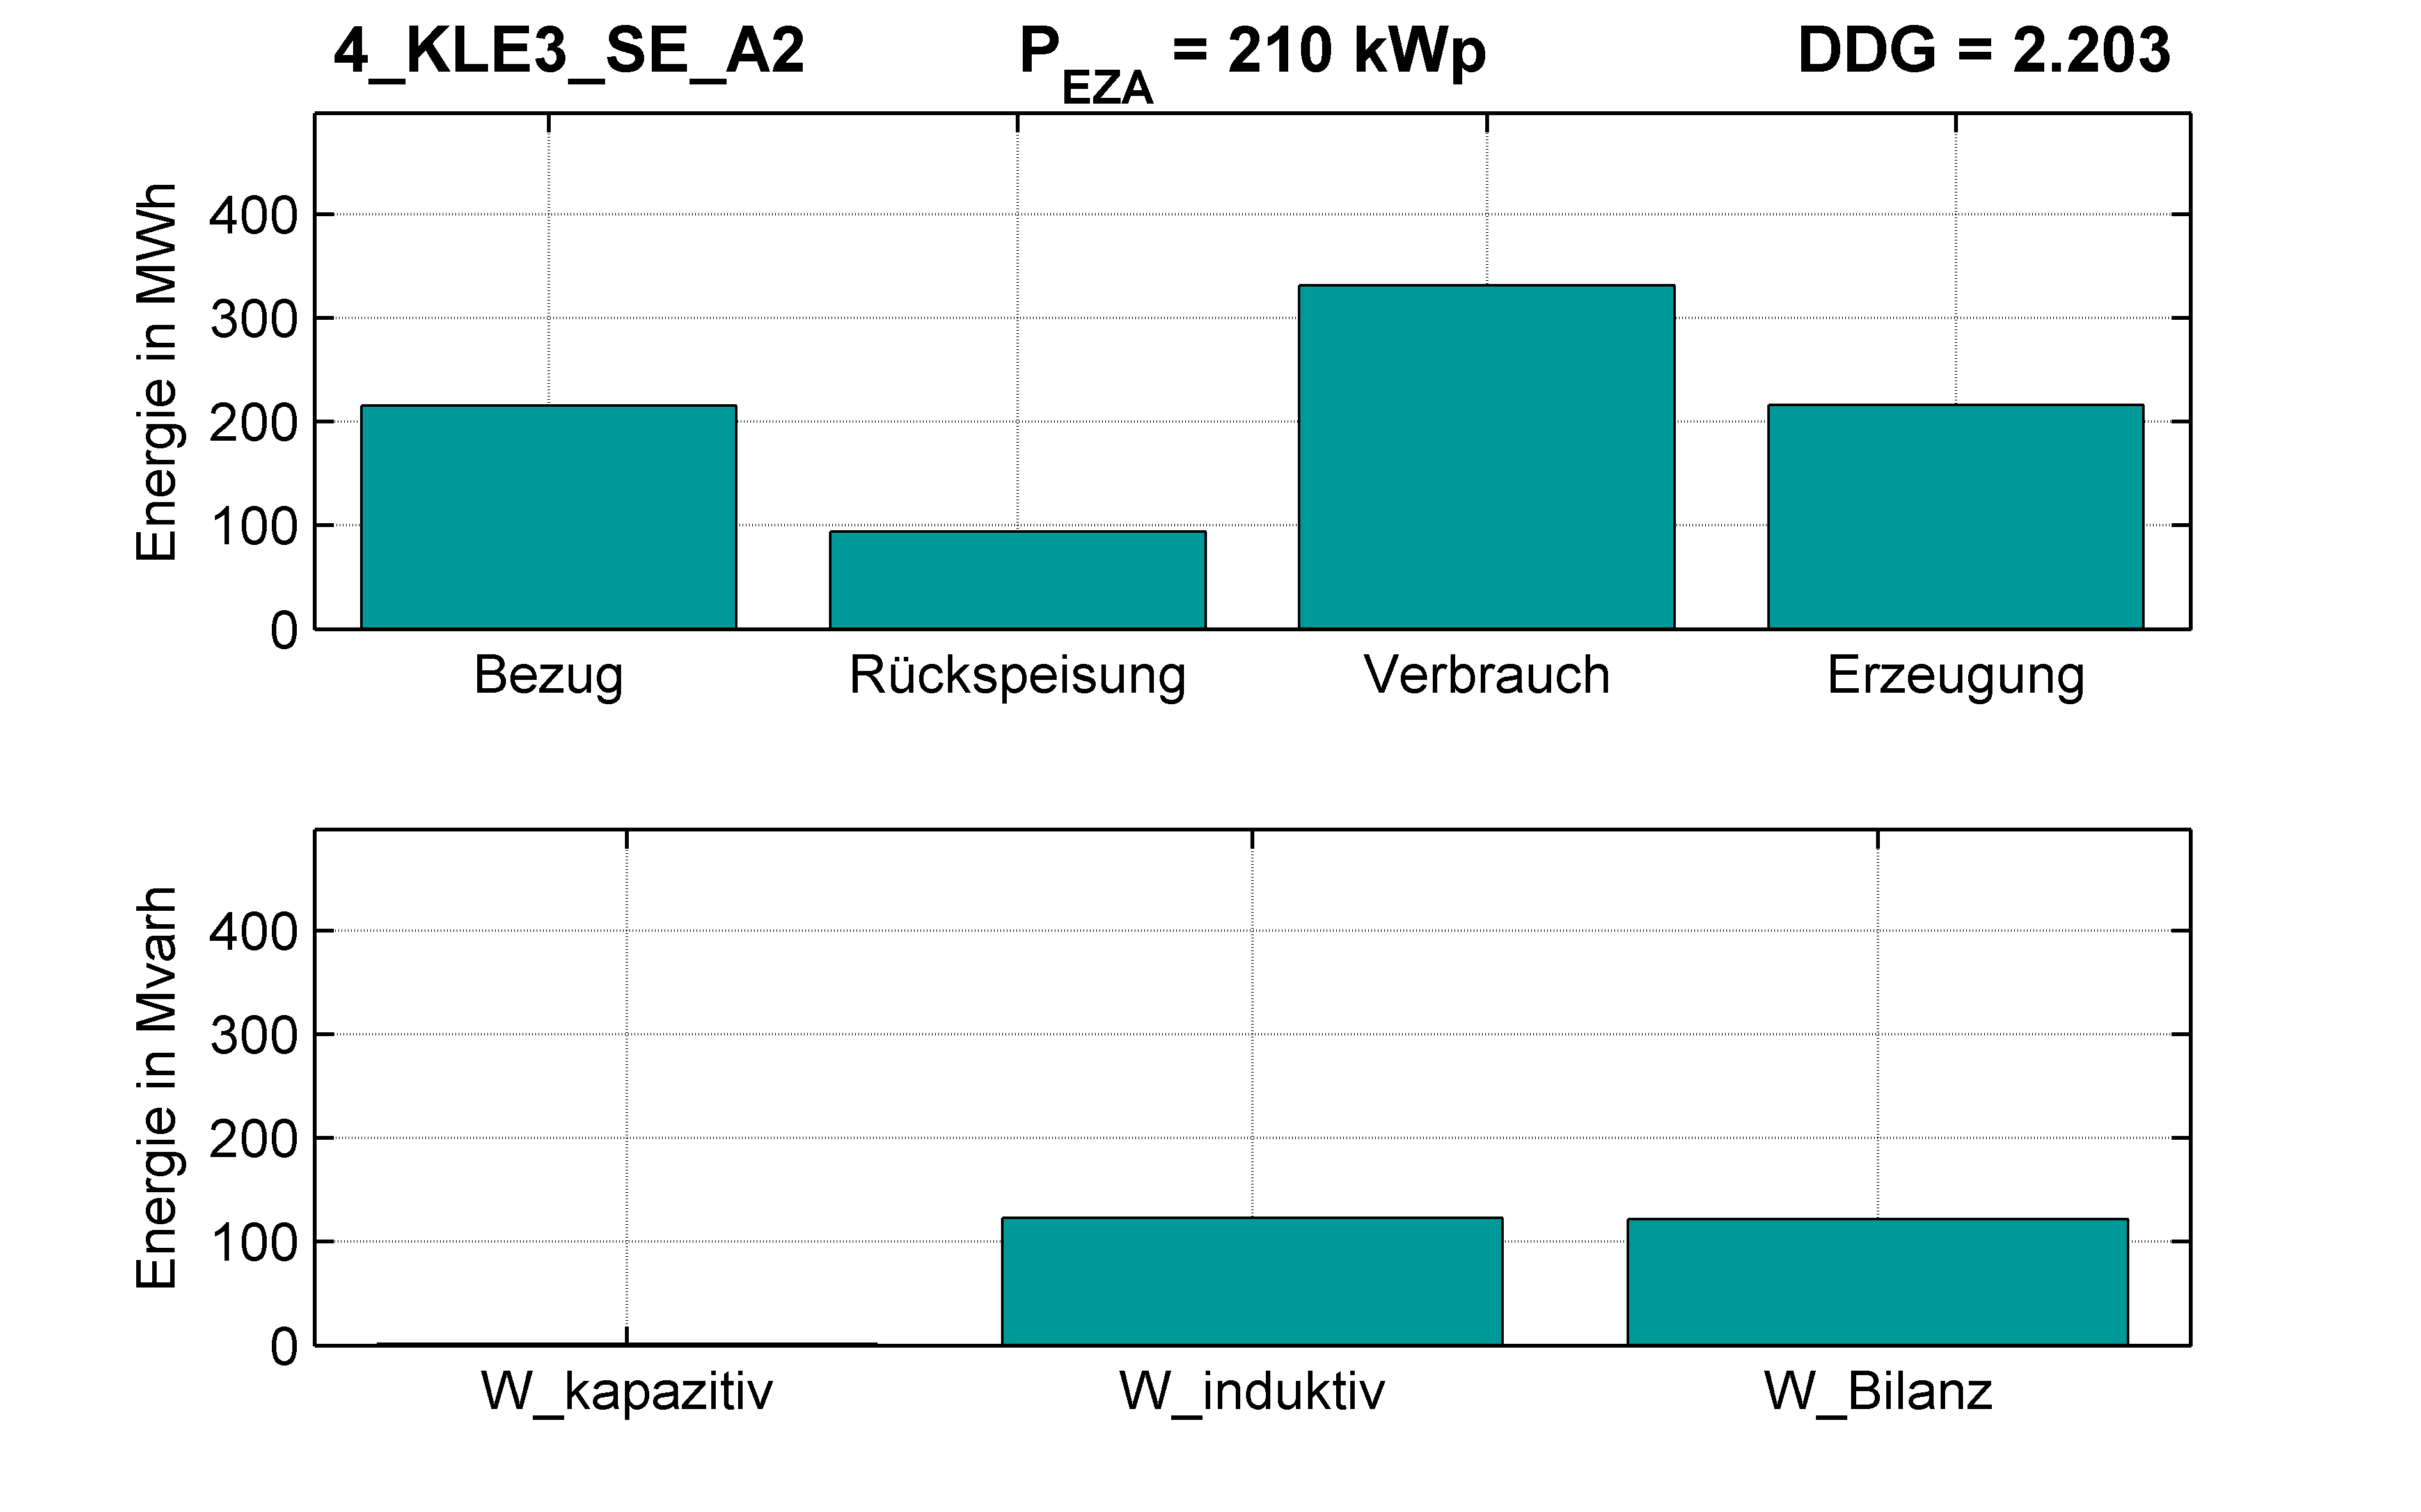 KLE3 | P-Kappung 55% (SE) A2 | PQ-Bilanz